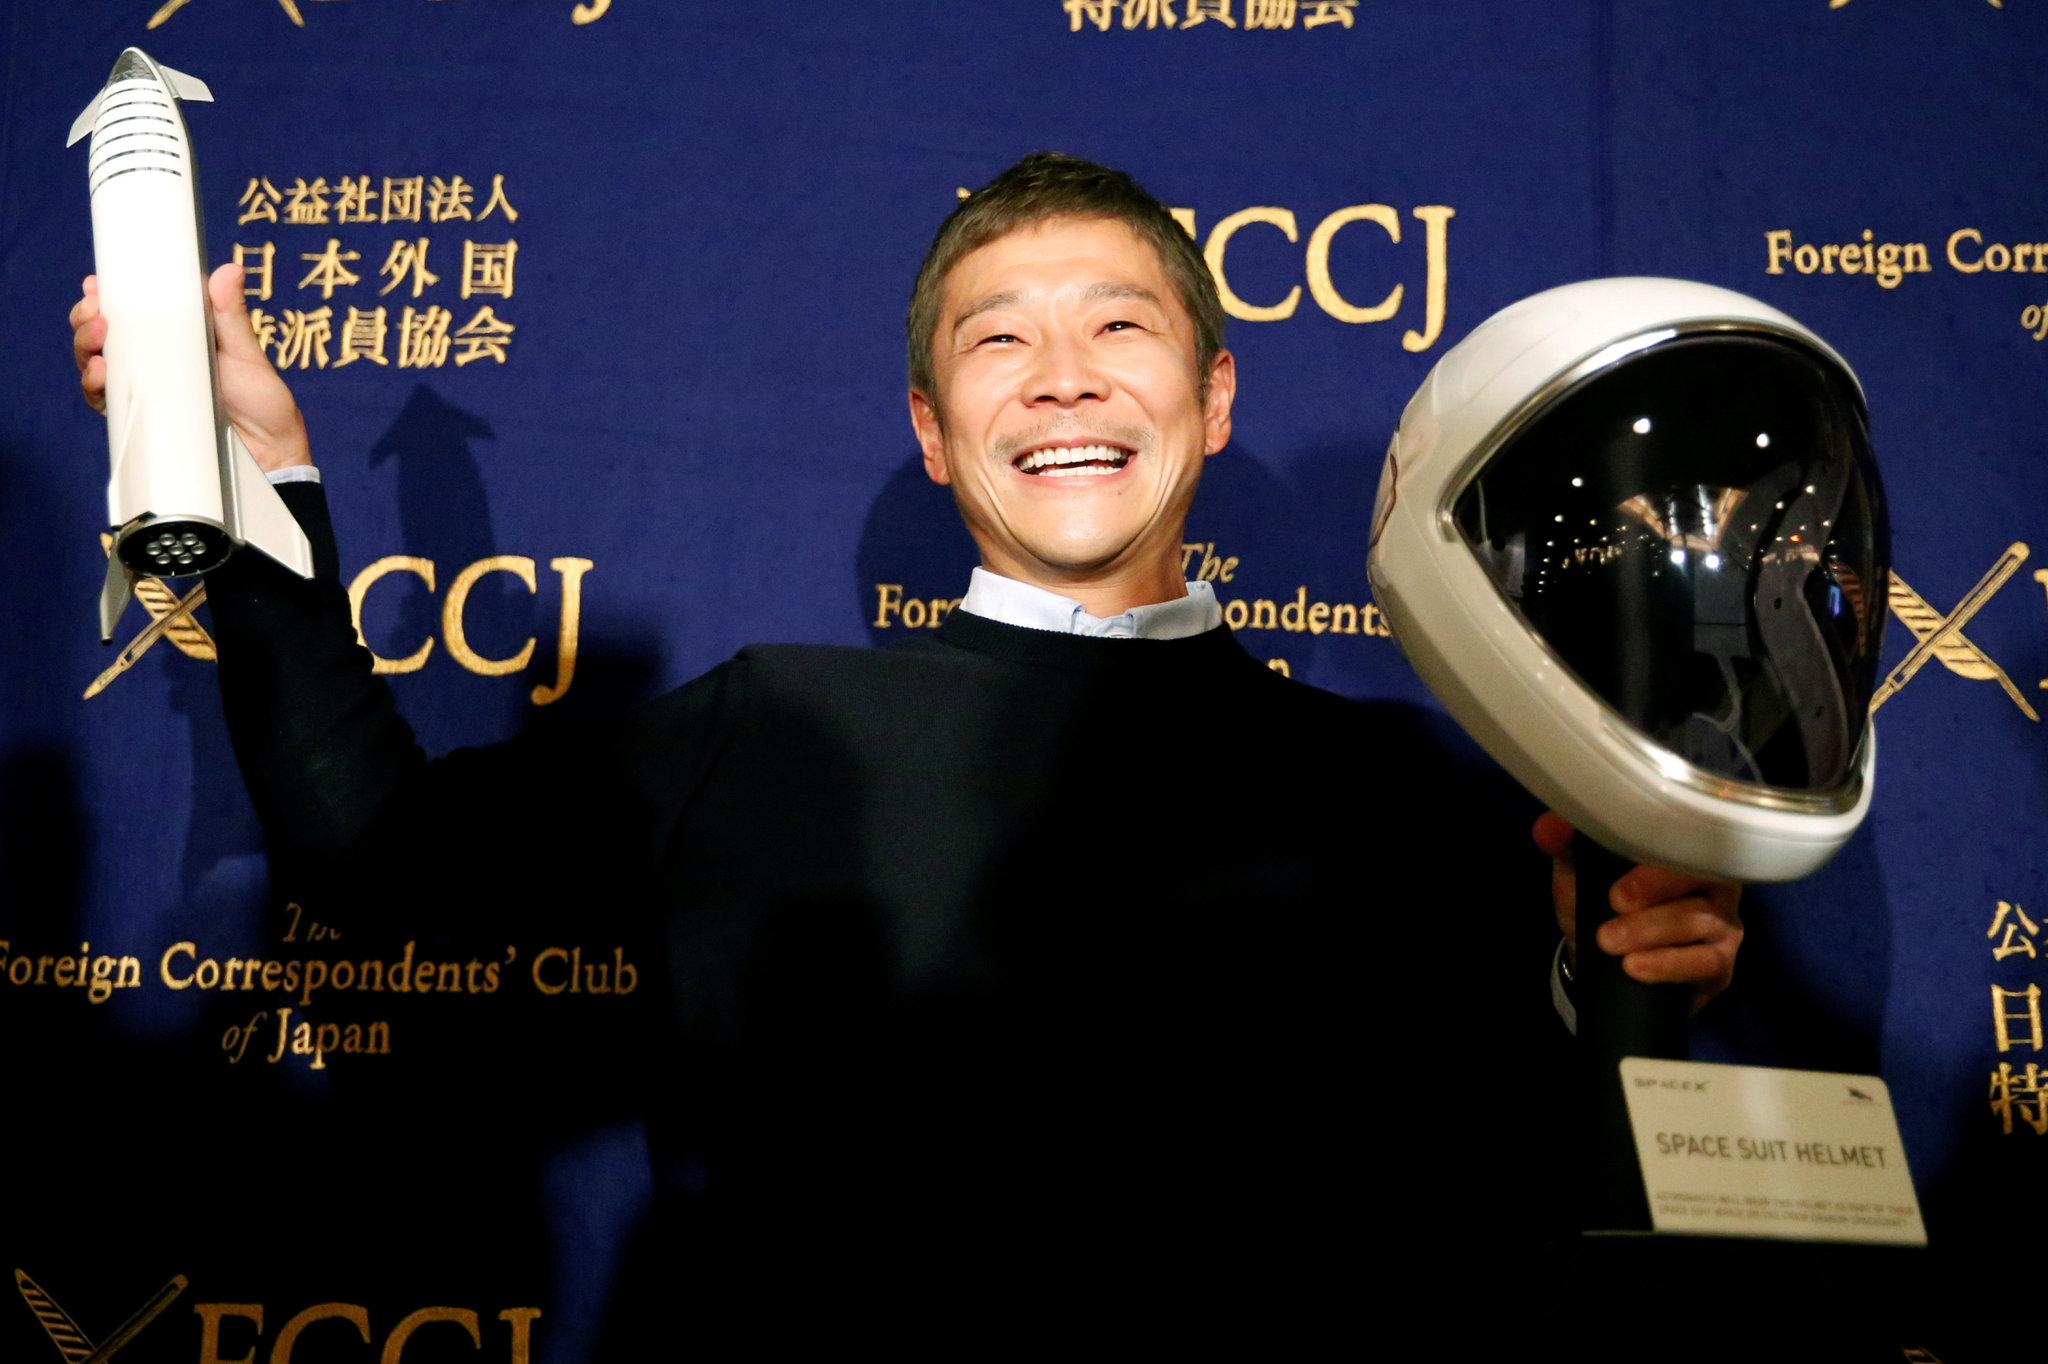 Японский миллиардер оплатит полет 8 счастливчиков на Луну на корабле Starship: попытать удачу может каждый желающий